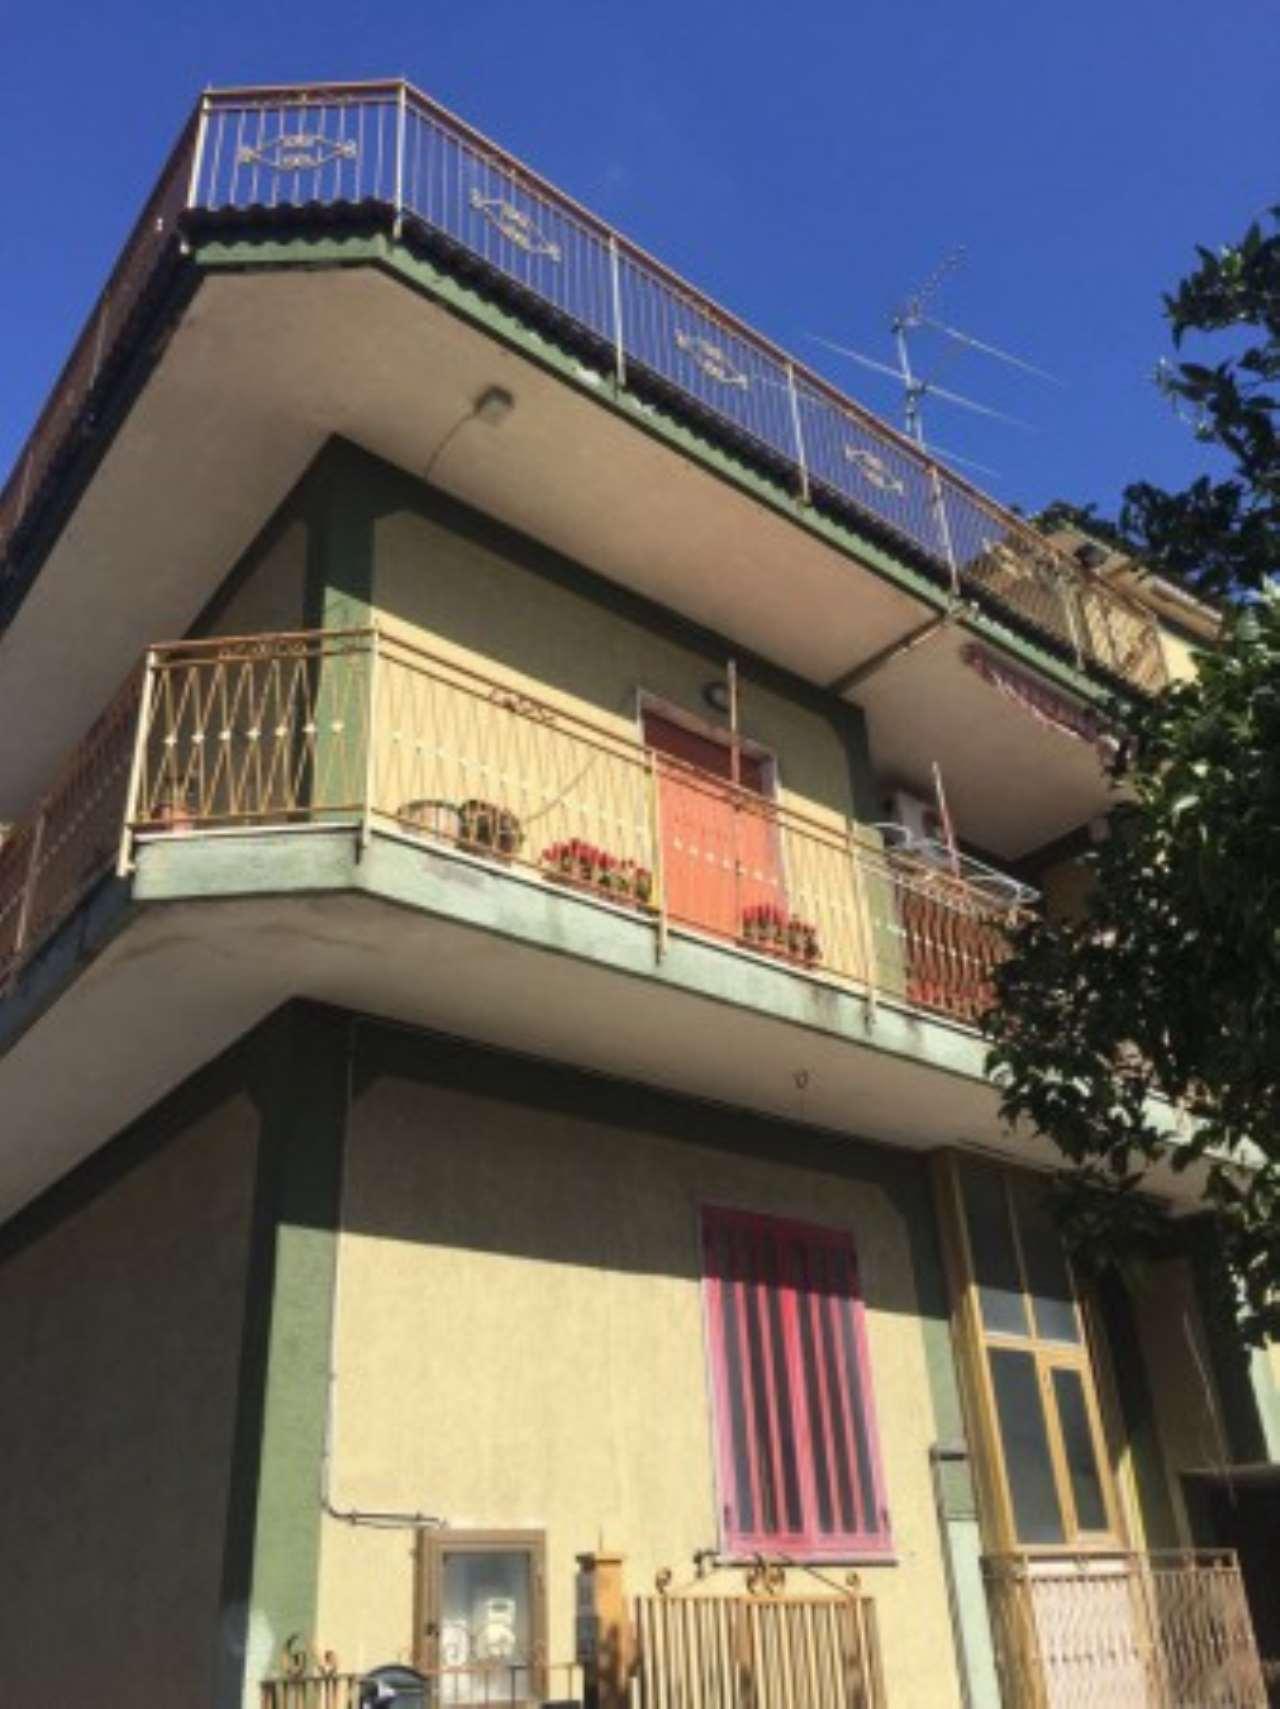 Appartamento in vendita a Striano, 3 locali, prezzo € 130.000 | CambioCasa.it